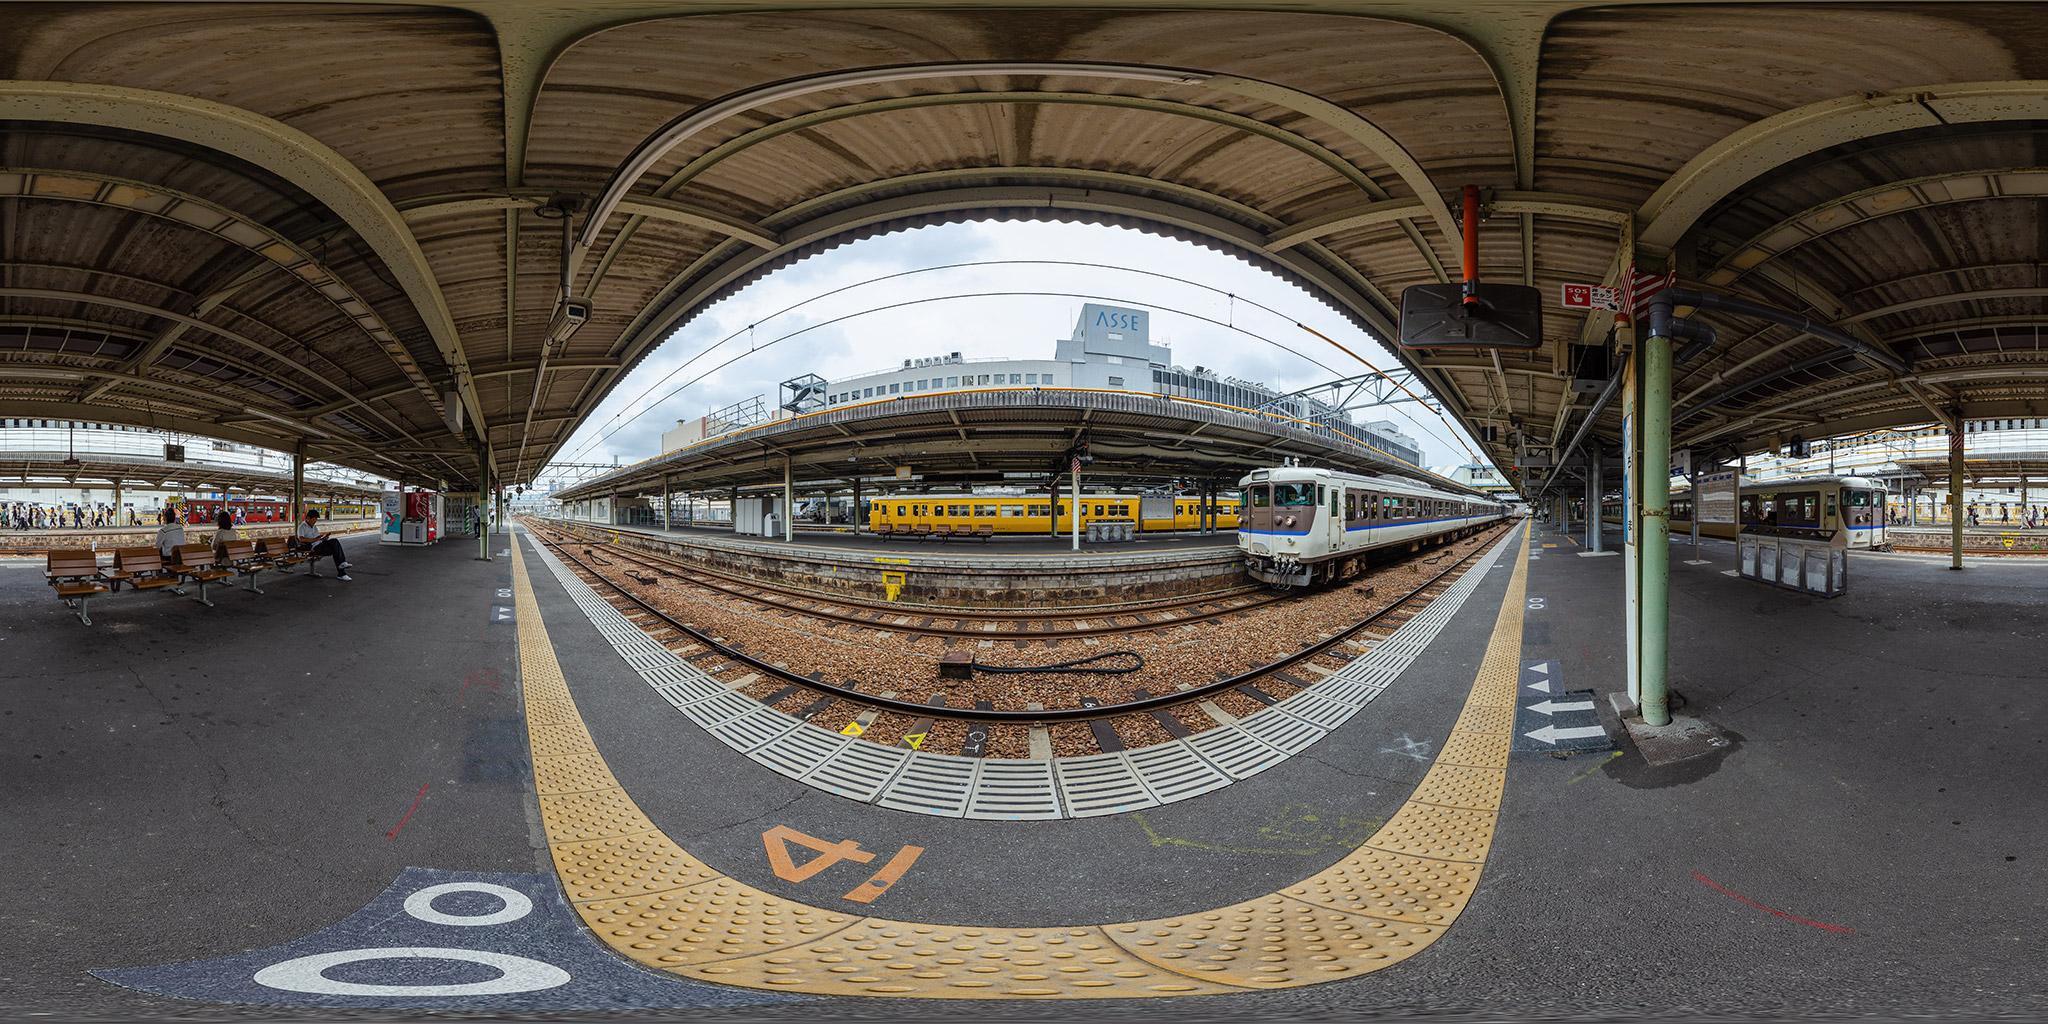 広島駅に並ぶ山陽本線と呉線の113系、115系